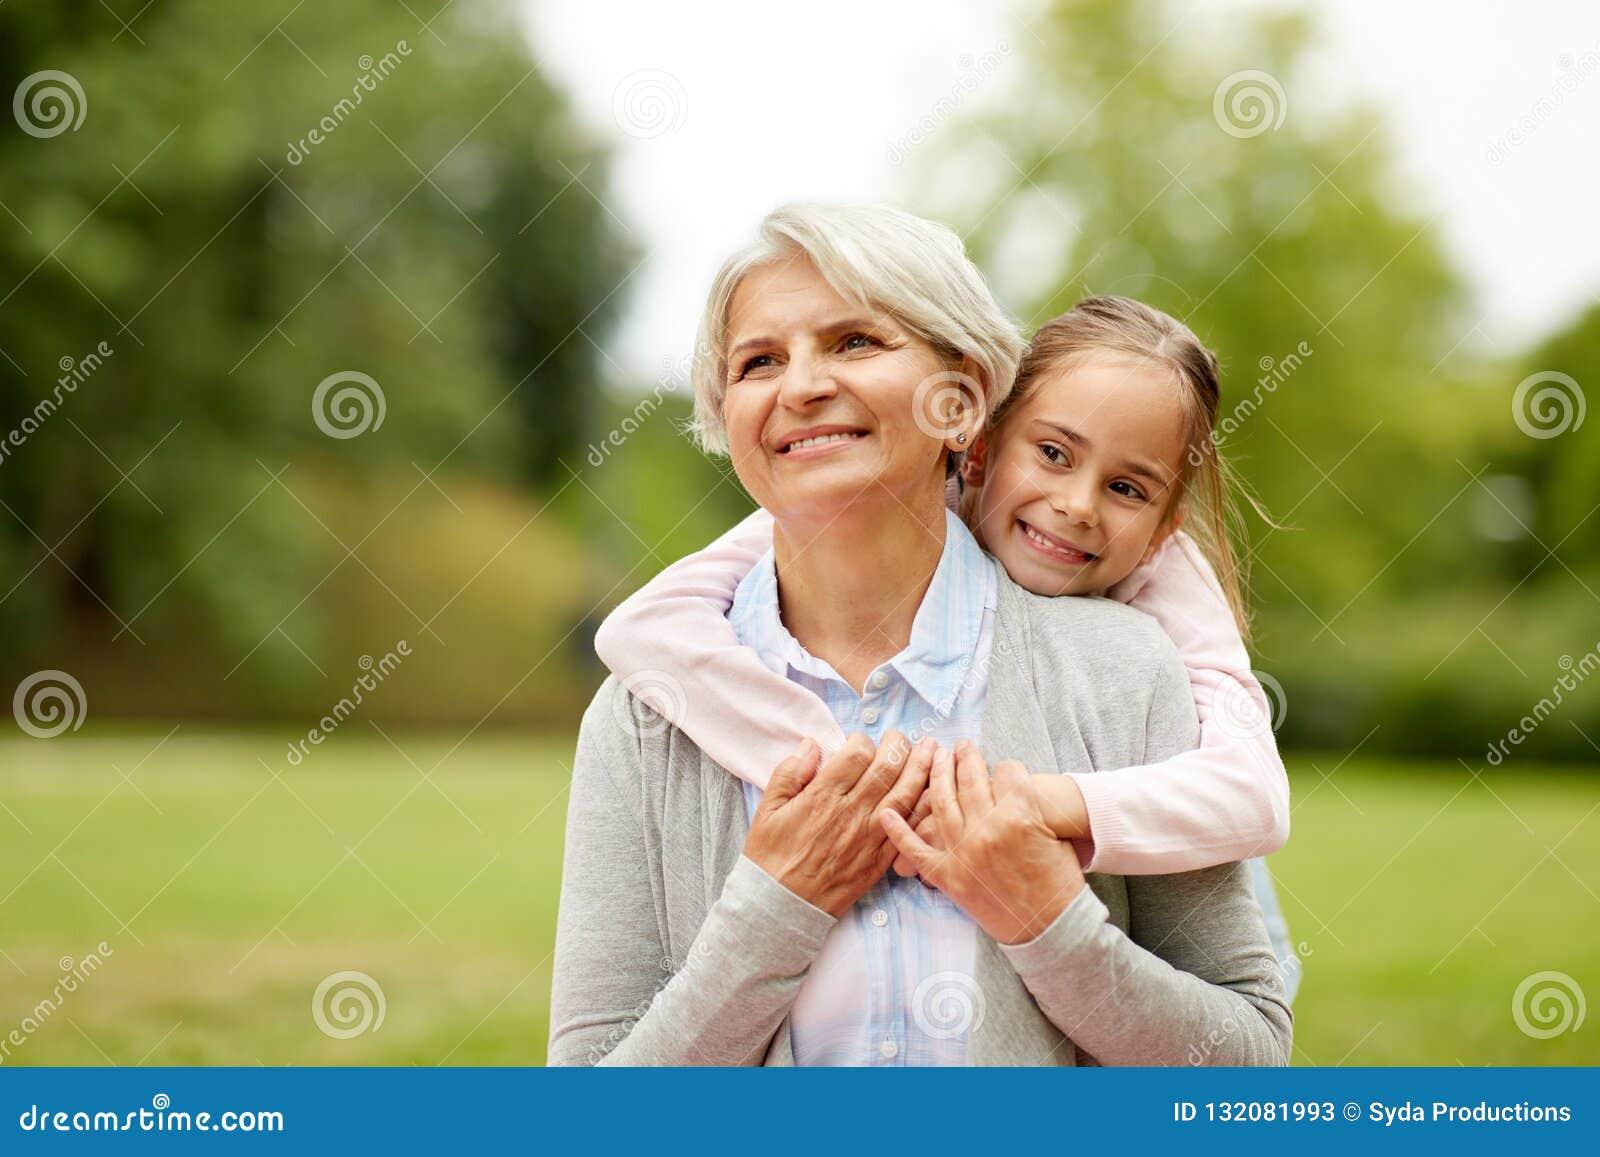 Nieta que abraza a la abuela en el parque del verano